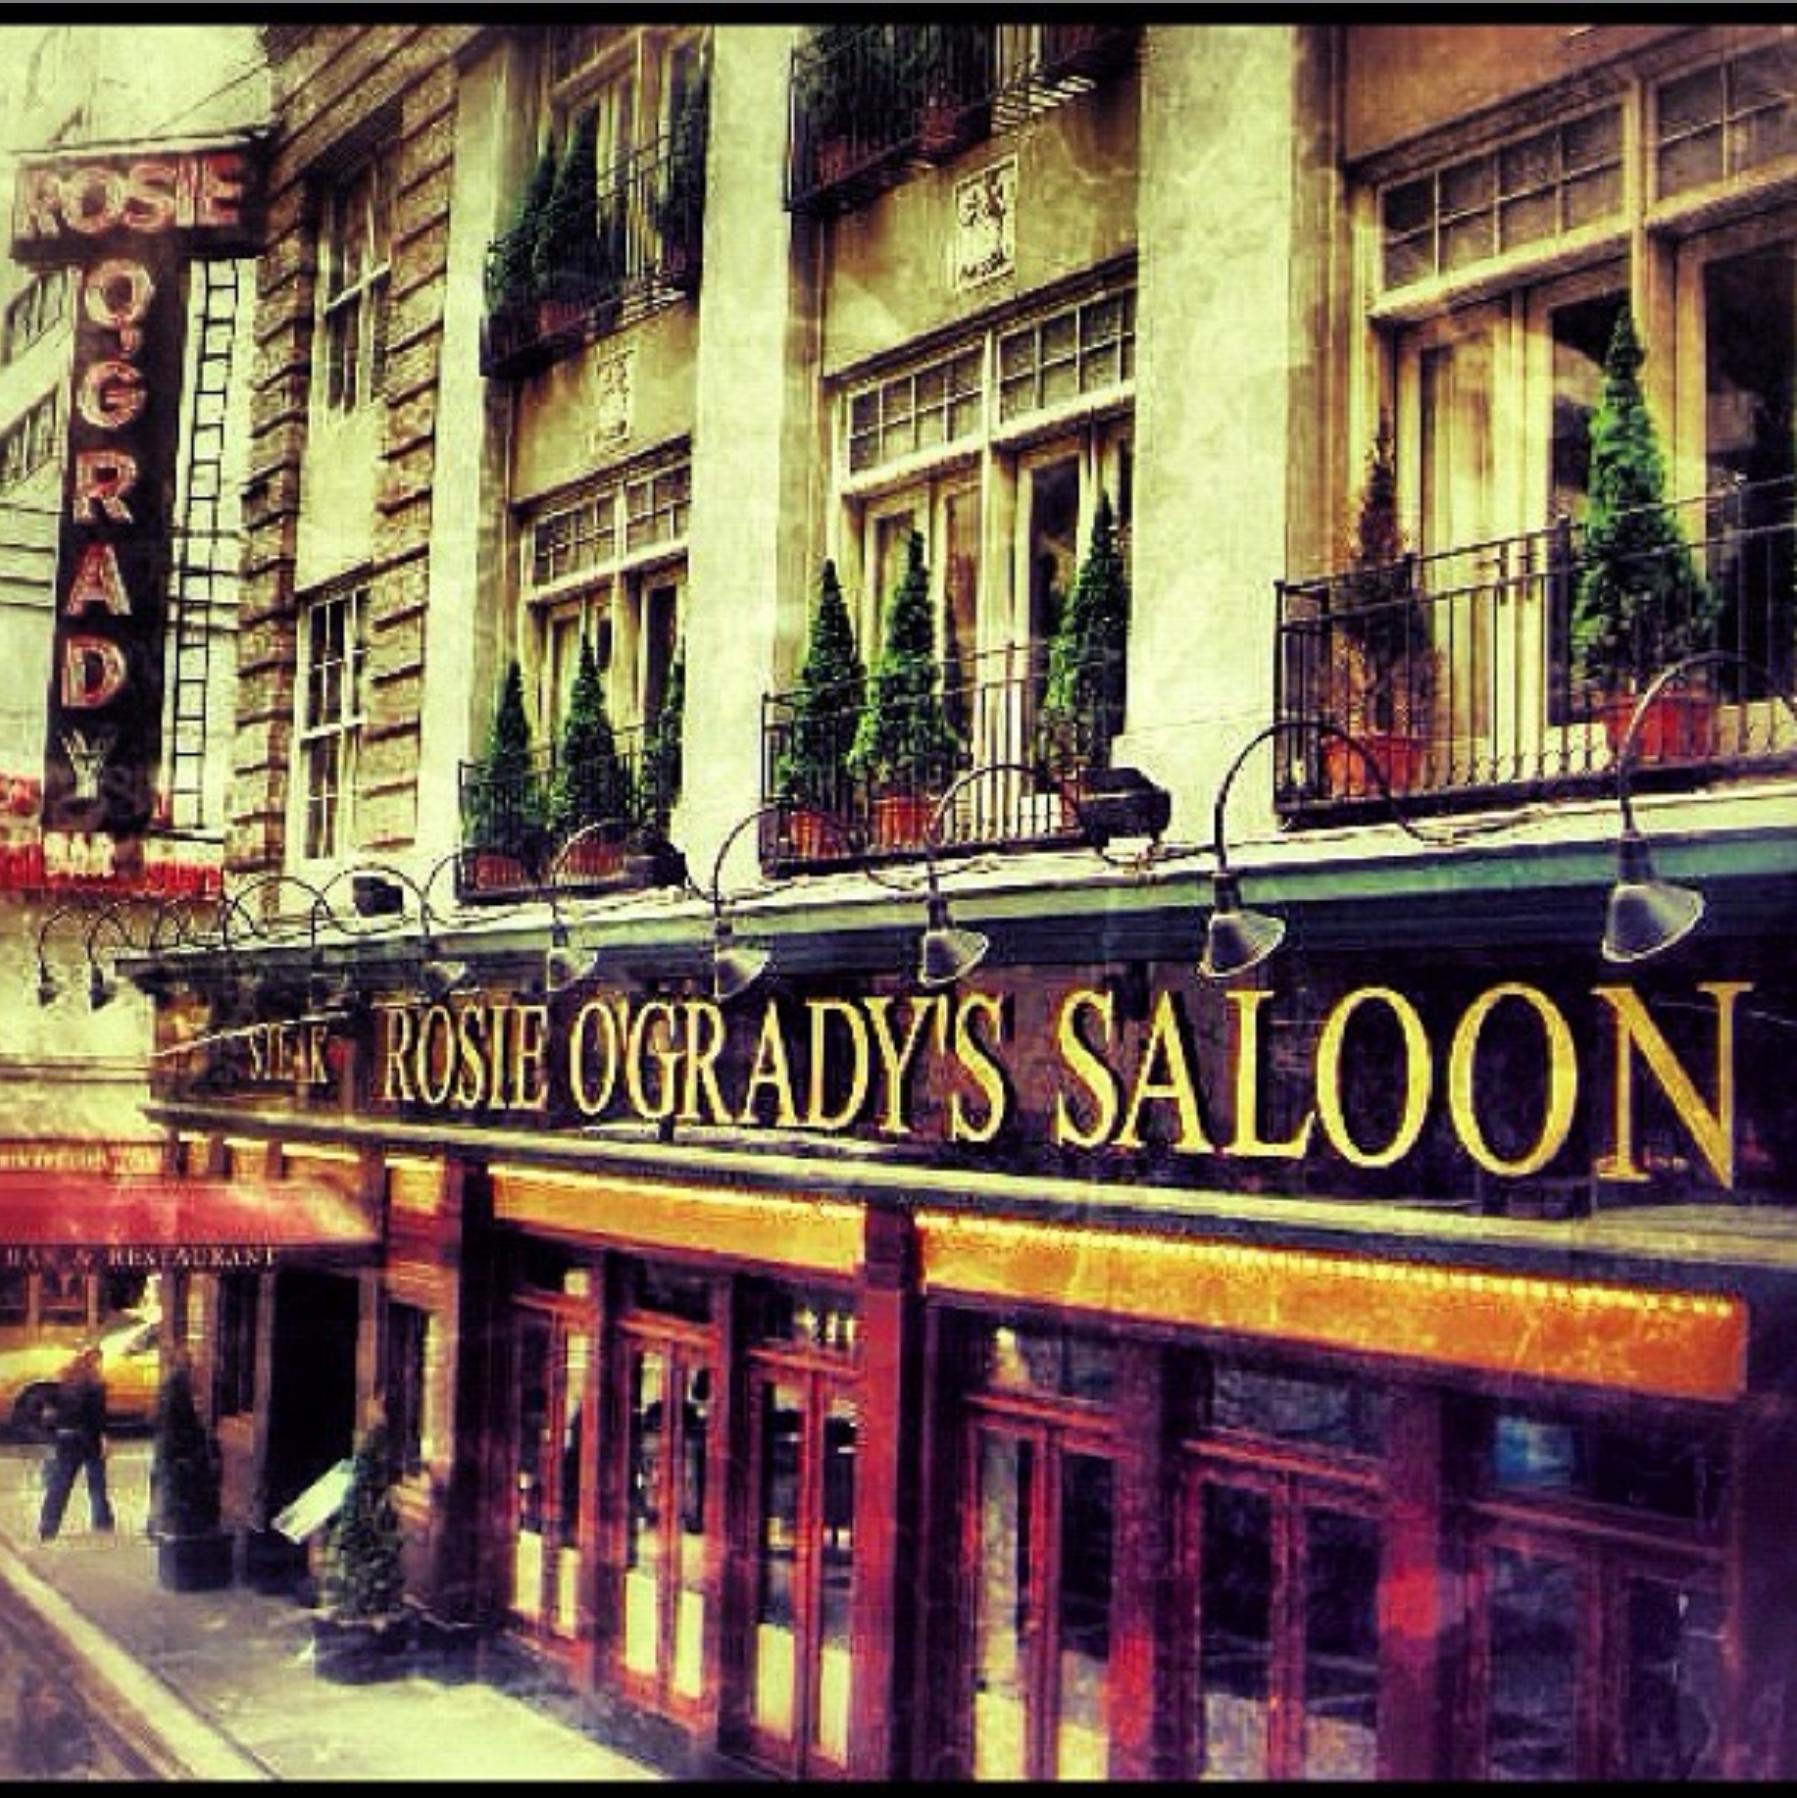 rosie ogradys saloon manhatten new york